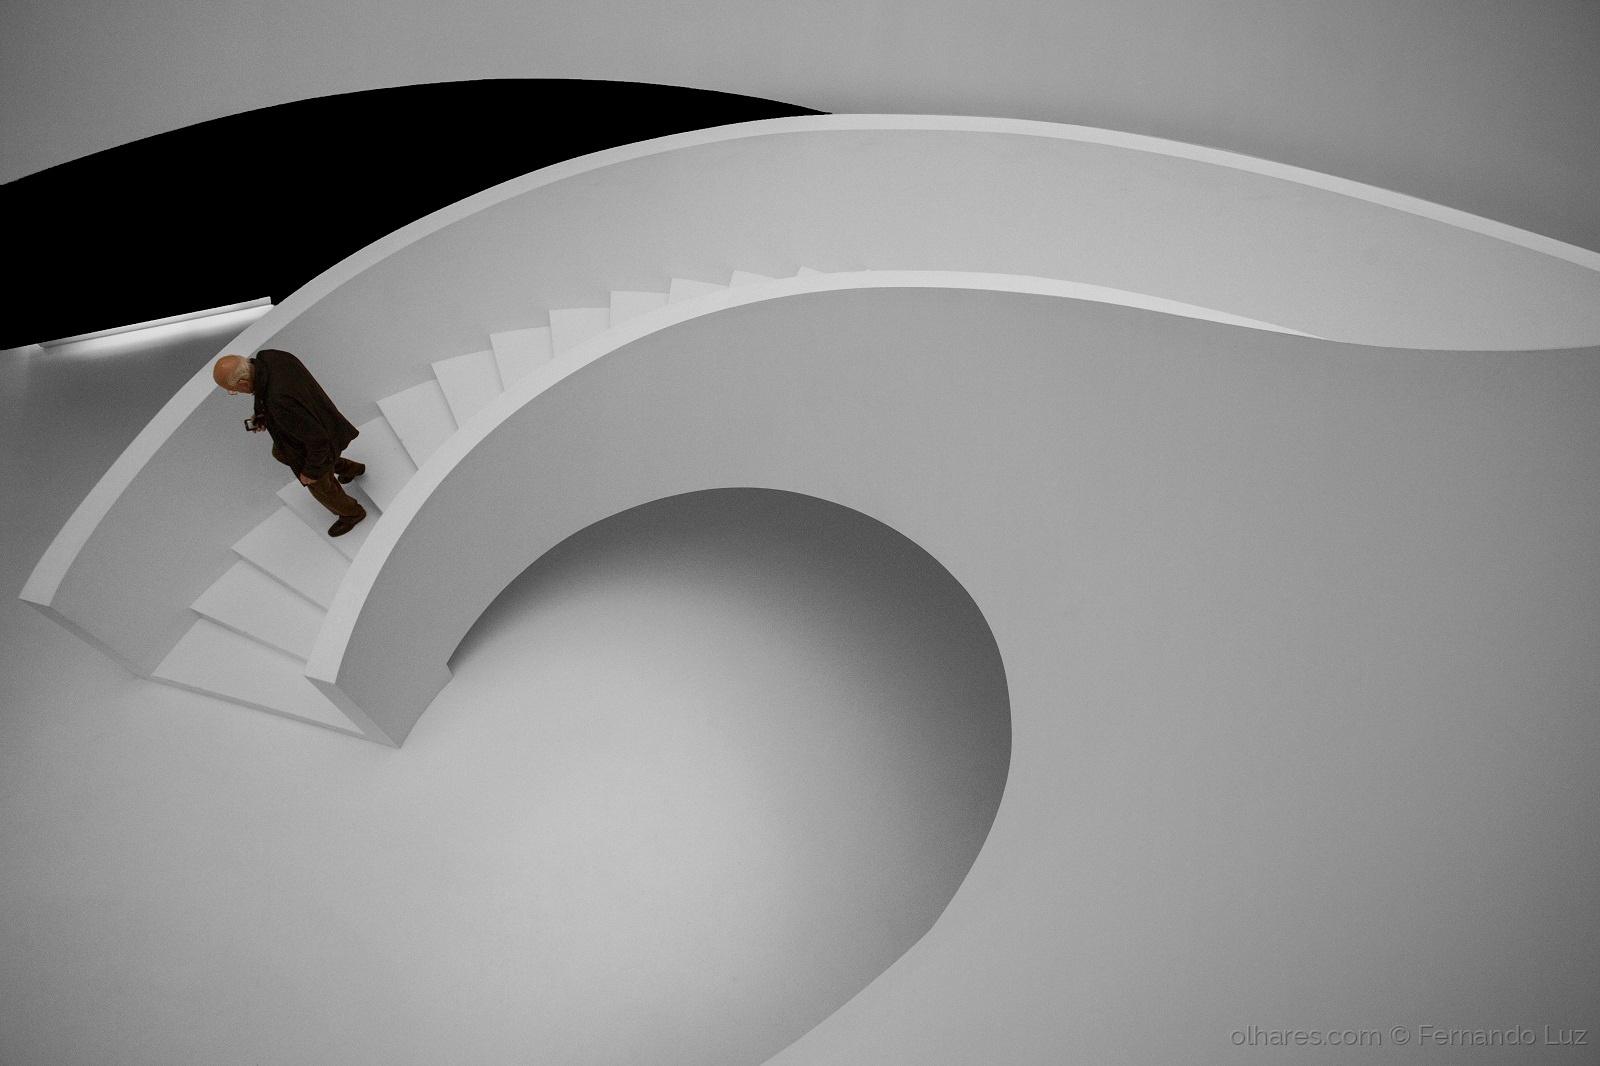 Arquitetura/Circles